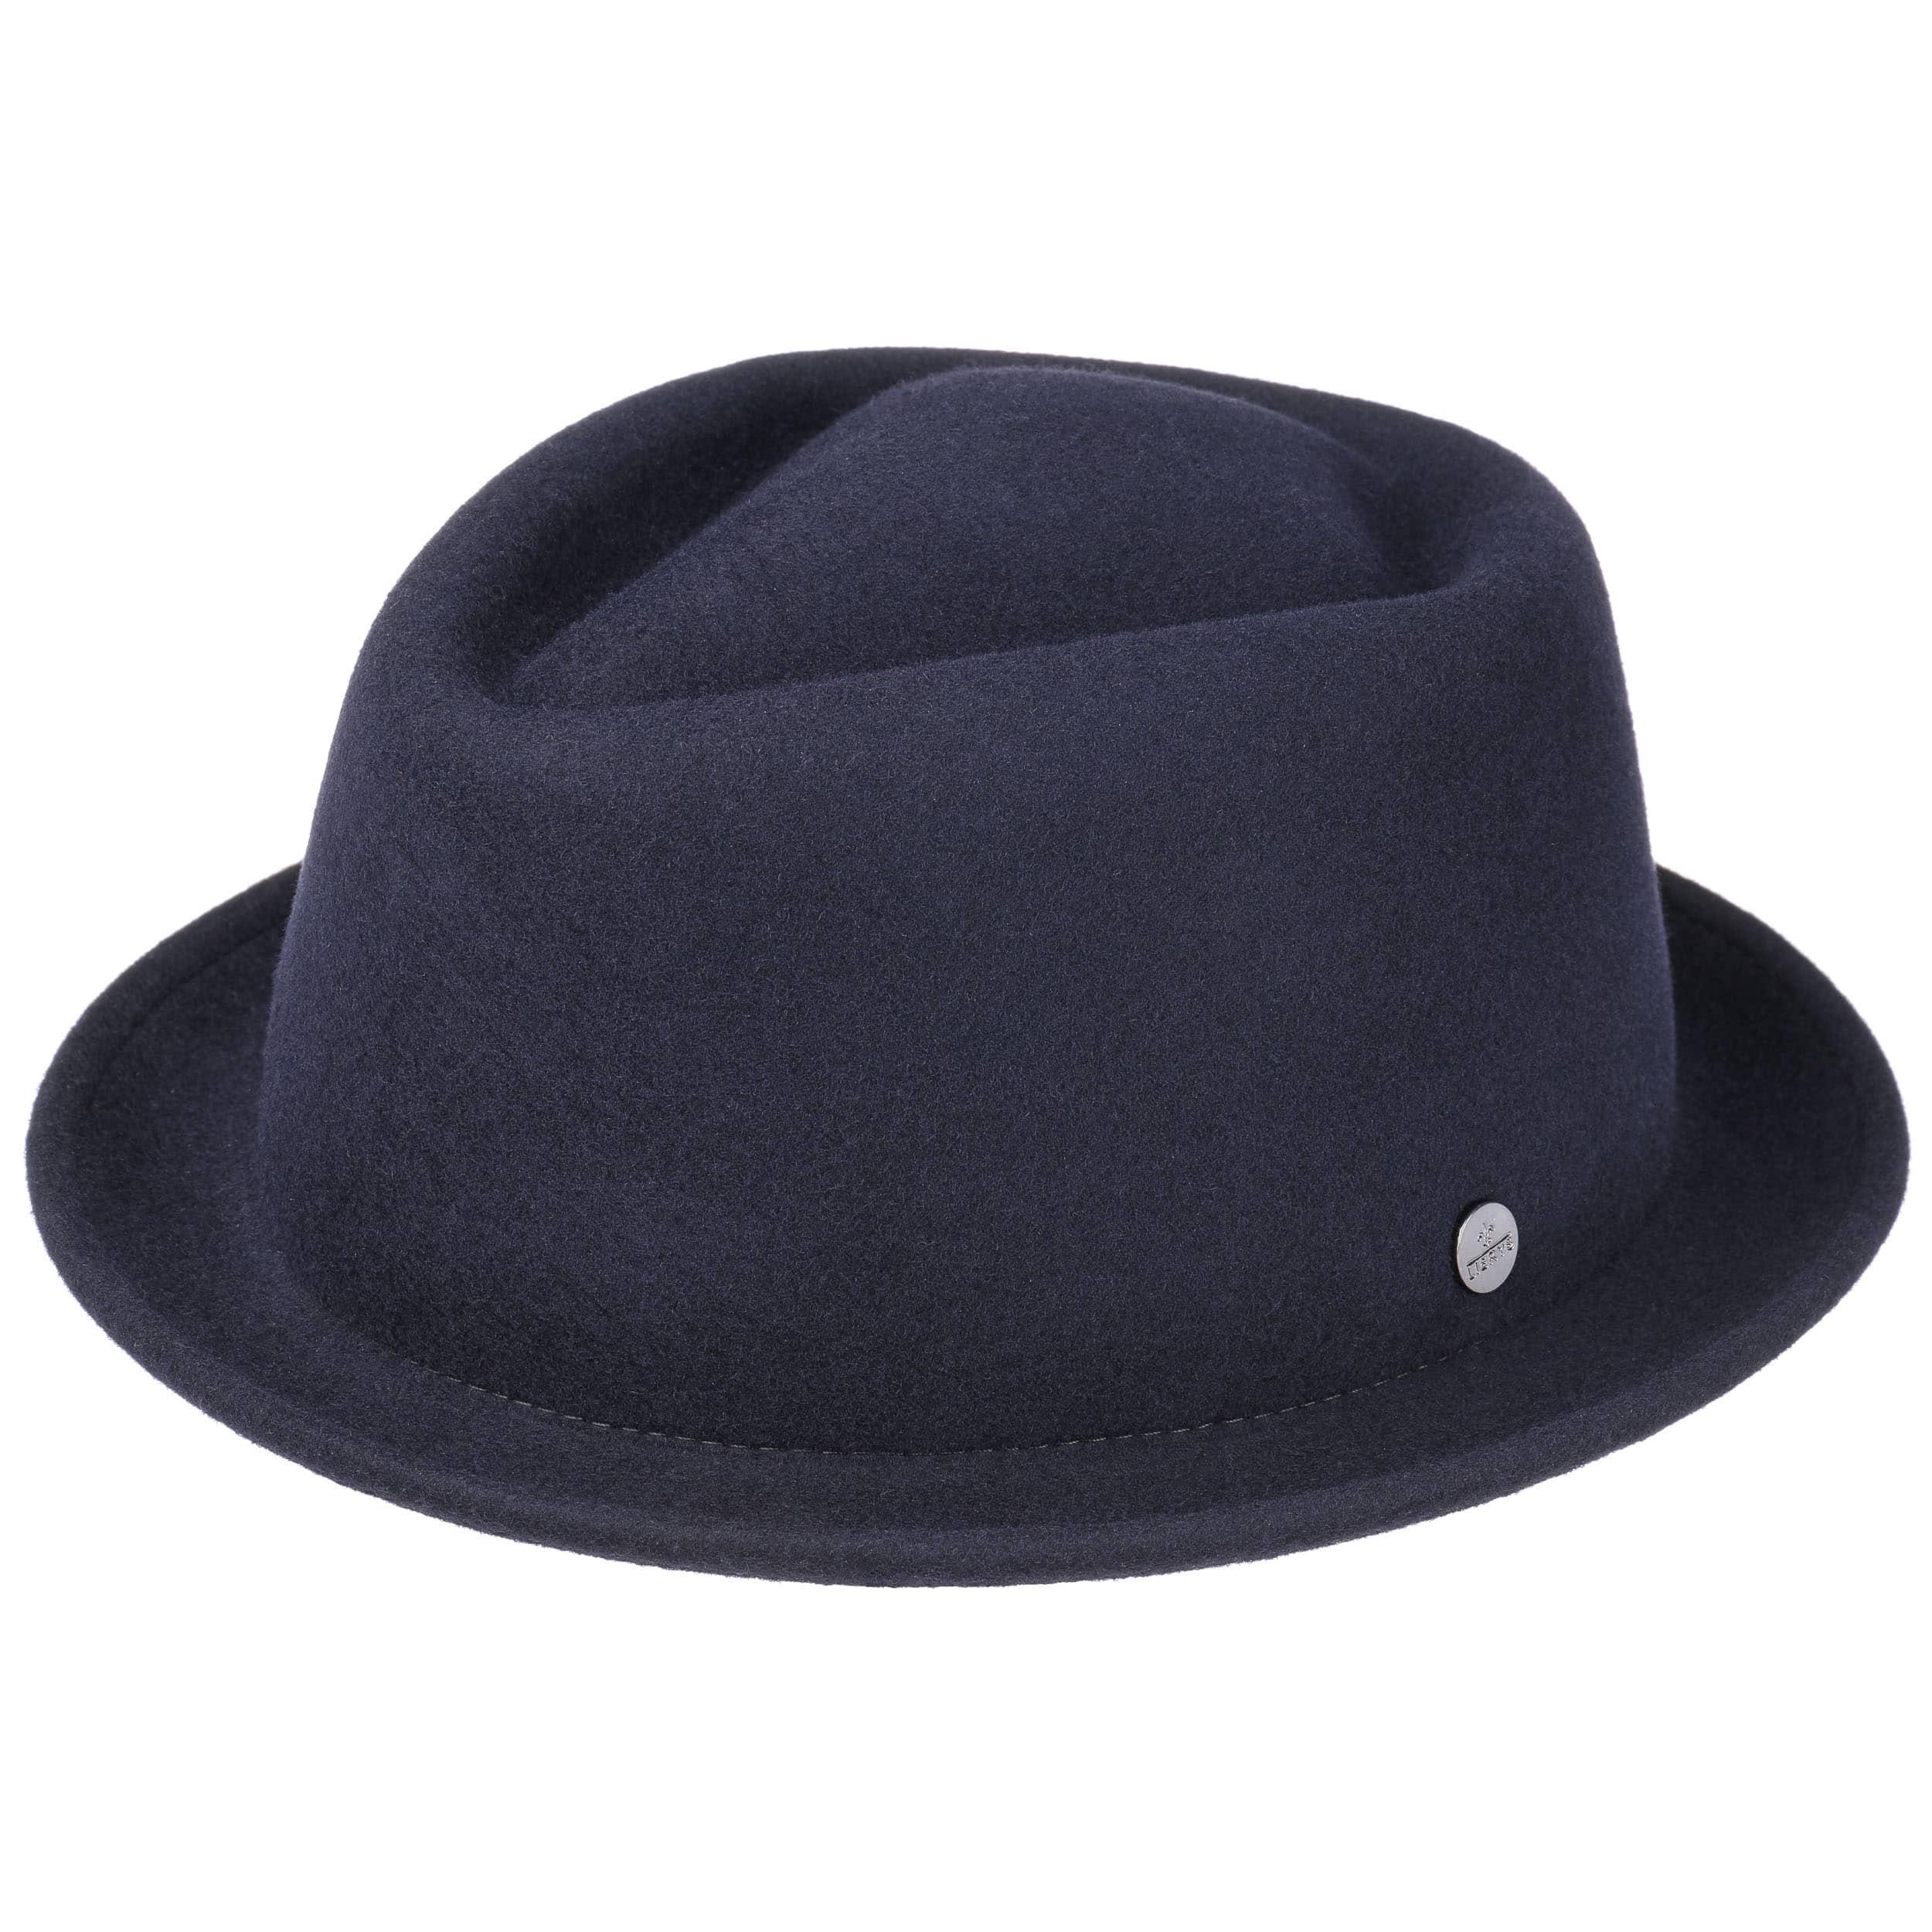 Sombrero Blank Pork Pie by Lierys - Sombreros - sombreroshop.es b59b5282ec5